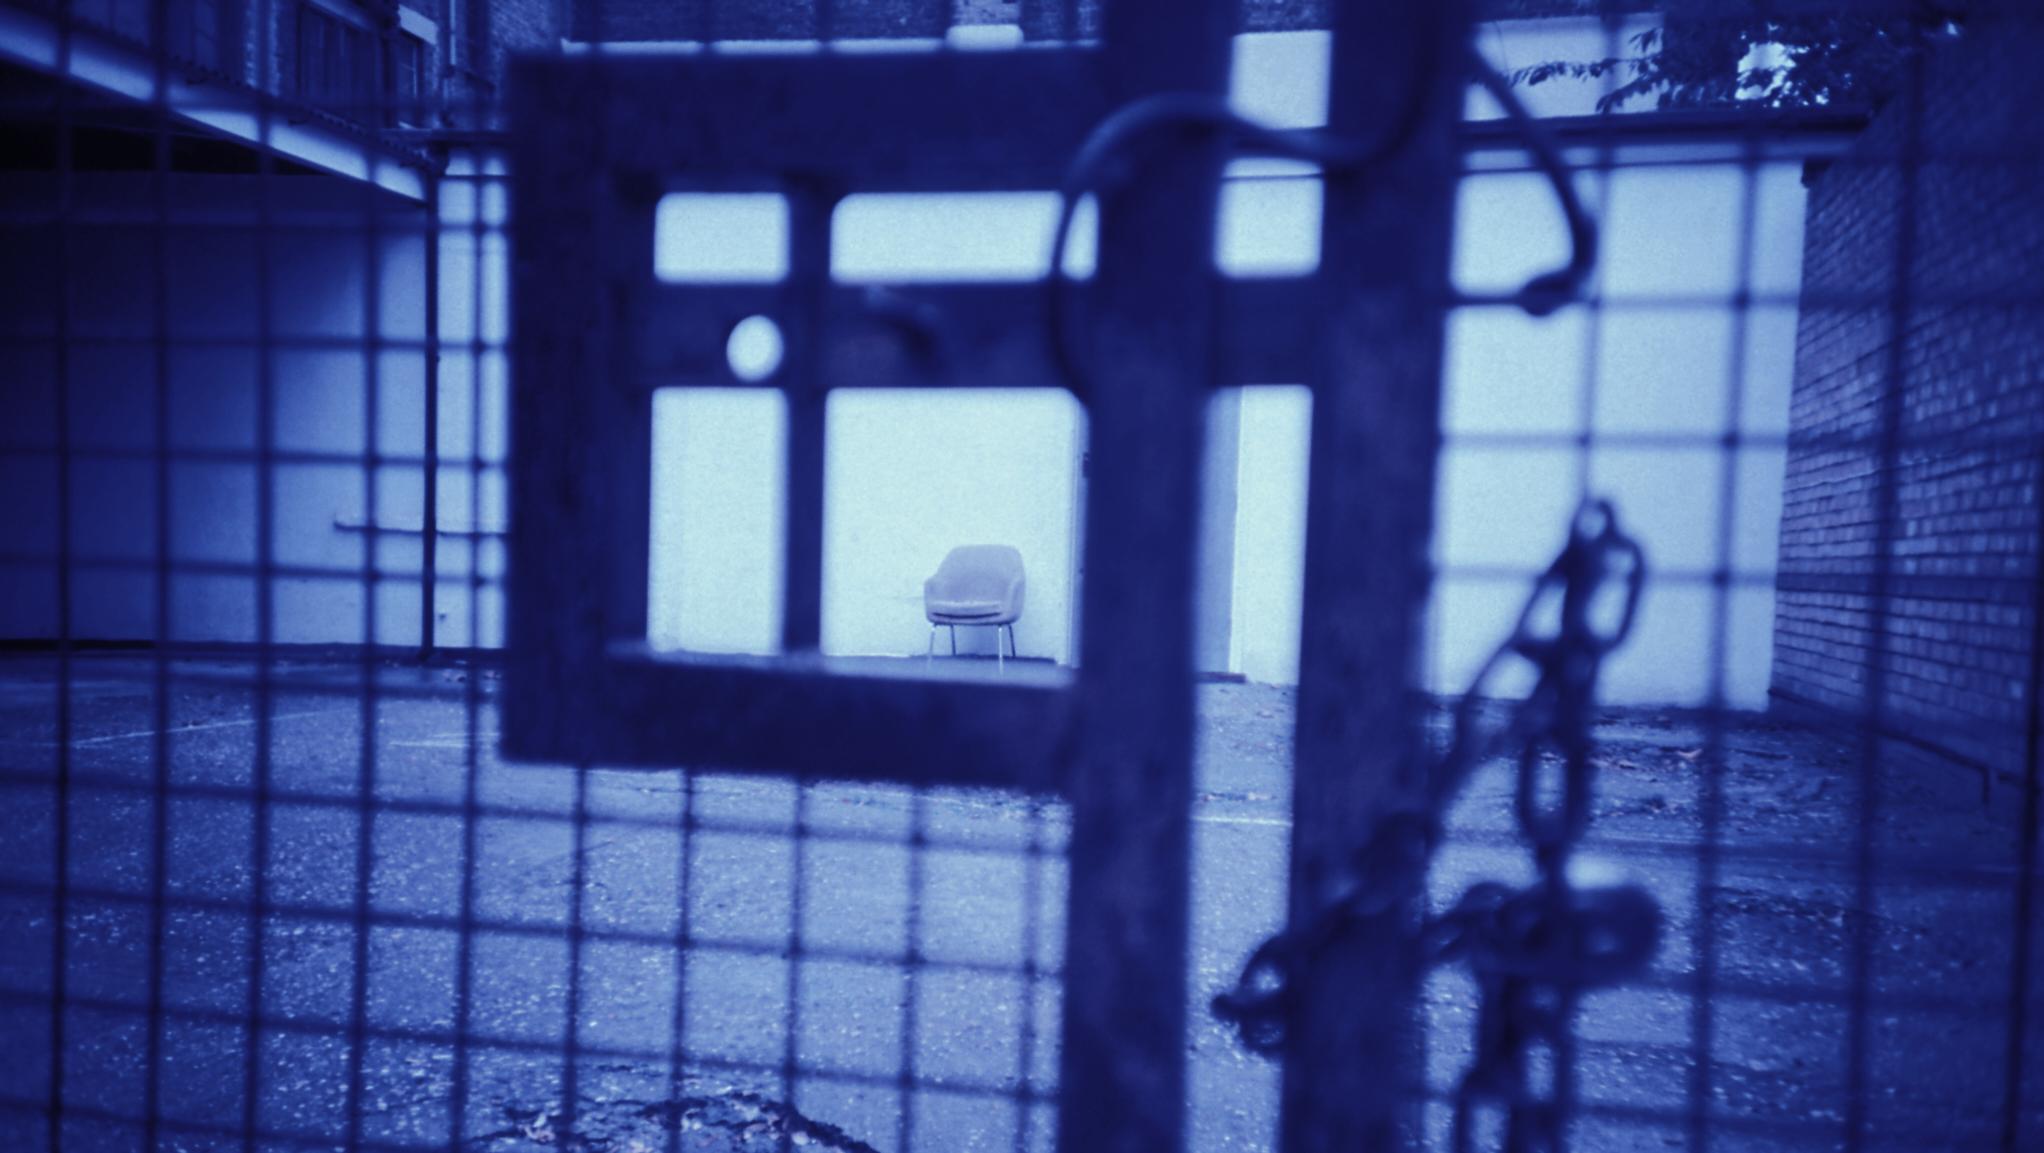 chair&gate2.jpg